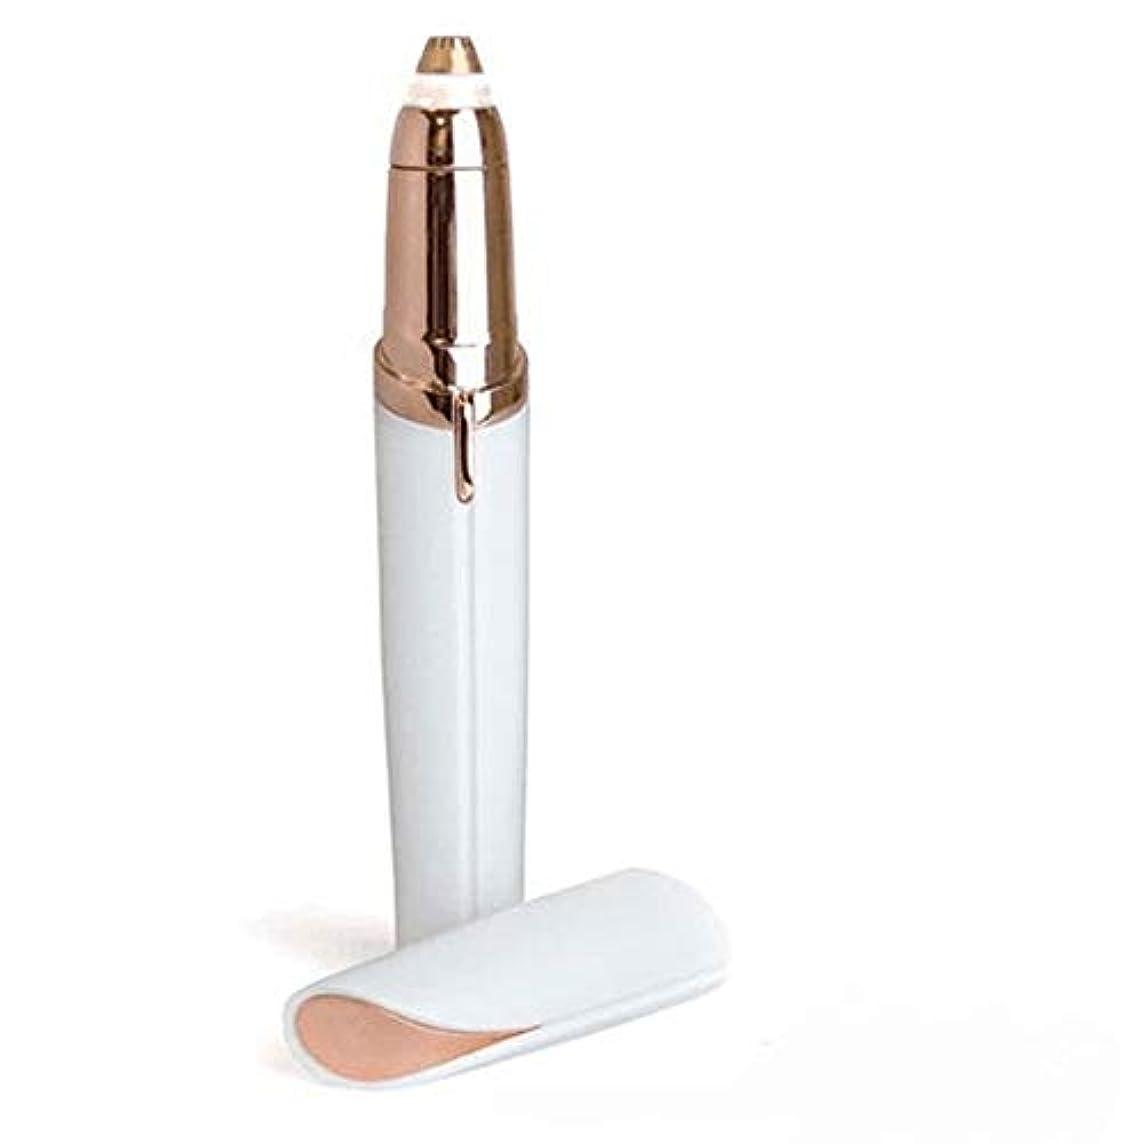 電子汚染迷彩眉毛の除去剤電気無痛トリマー、USB充電ポート、赤毛シェービング脱毛装置眉毛形削りナイフ、携帯用眉毛かみそり,White